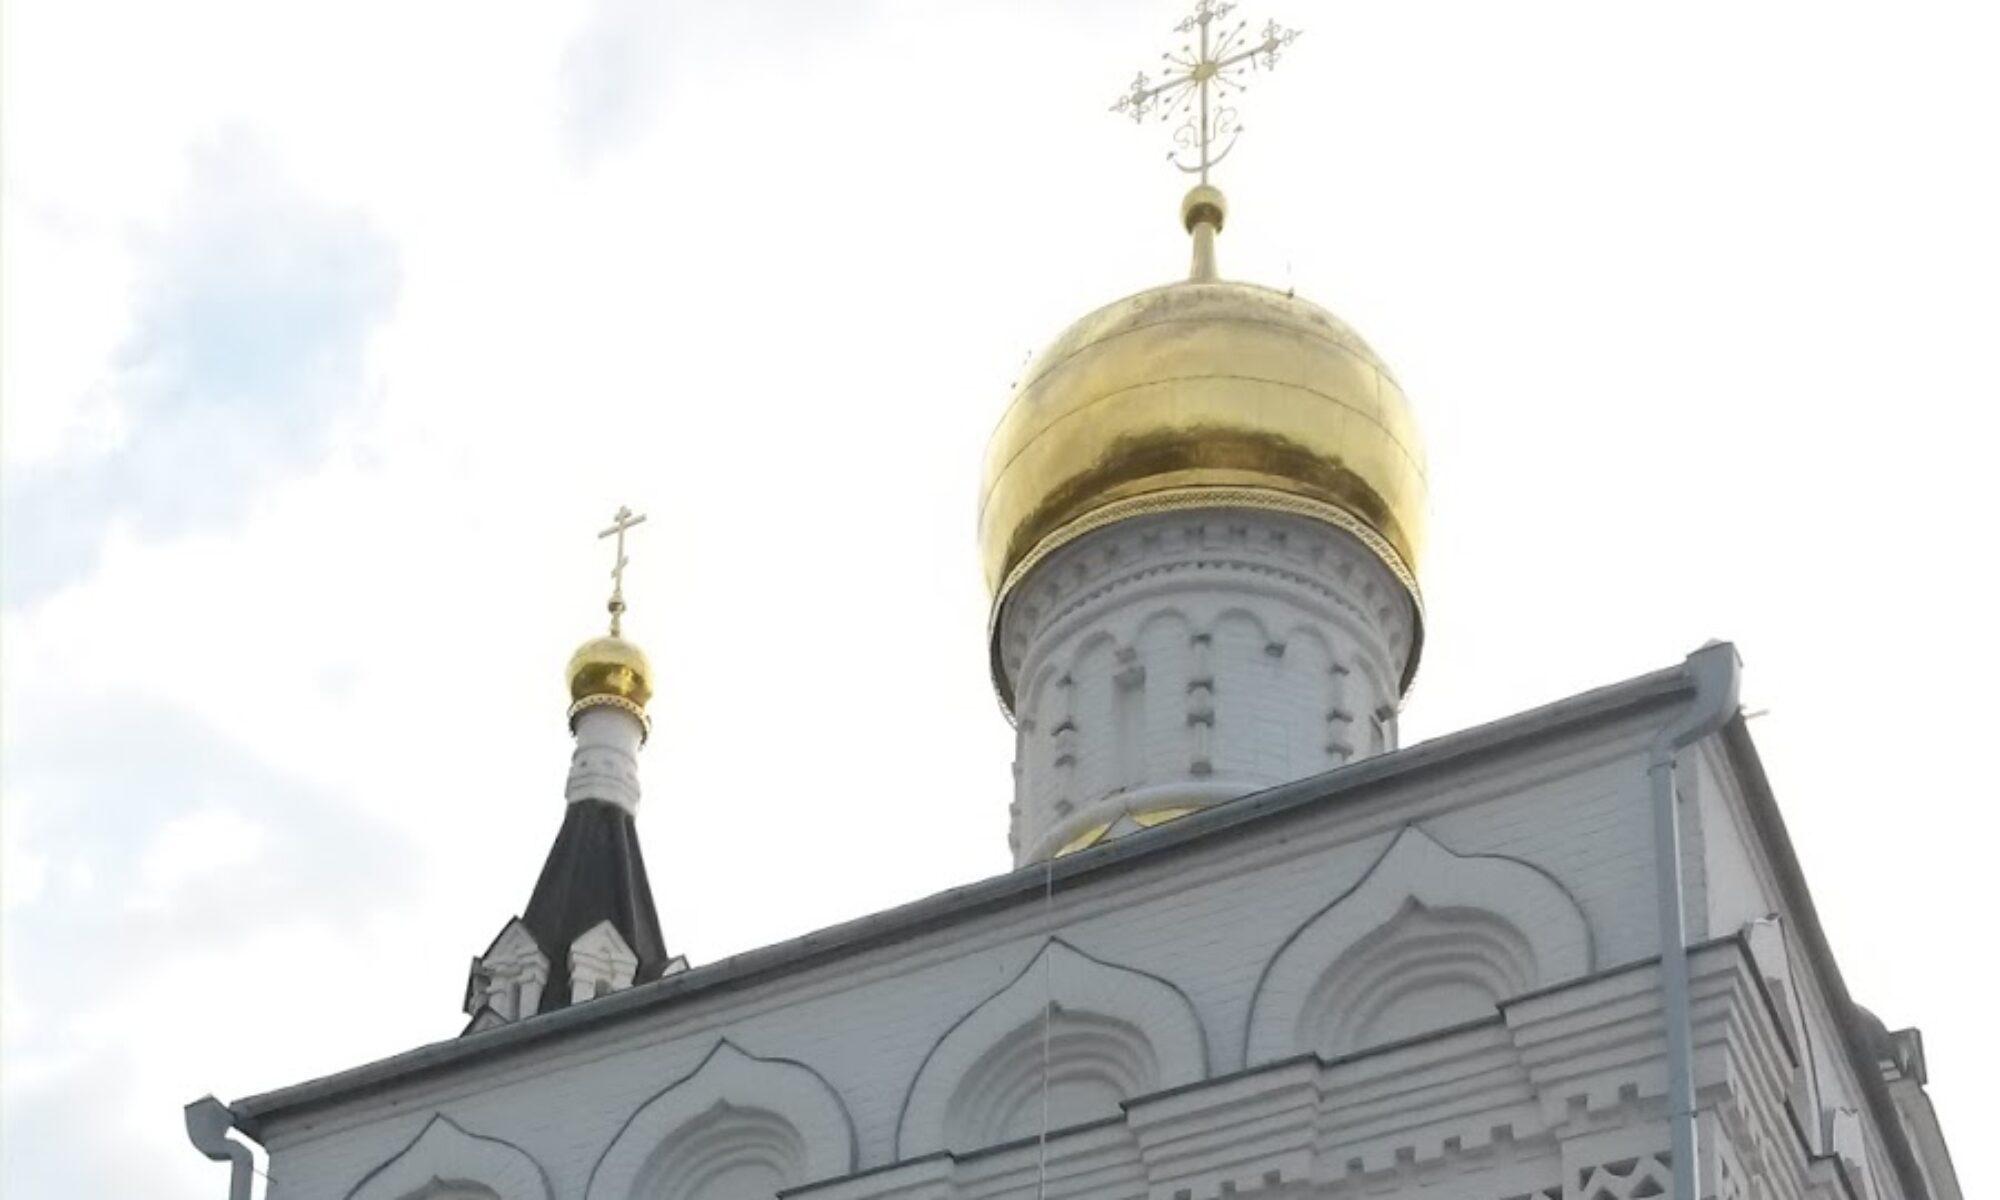 Orthodox Amateur Radio